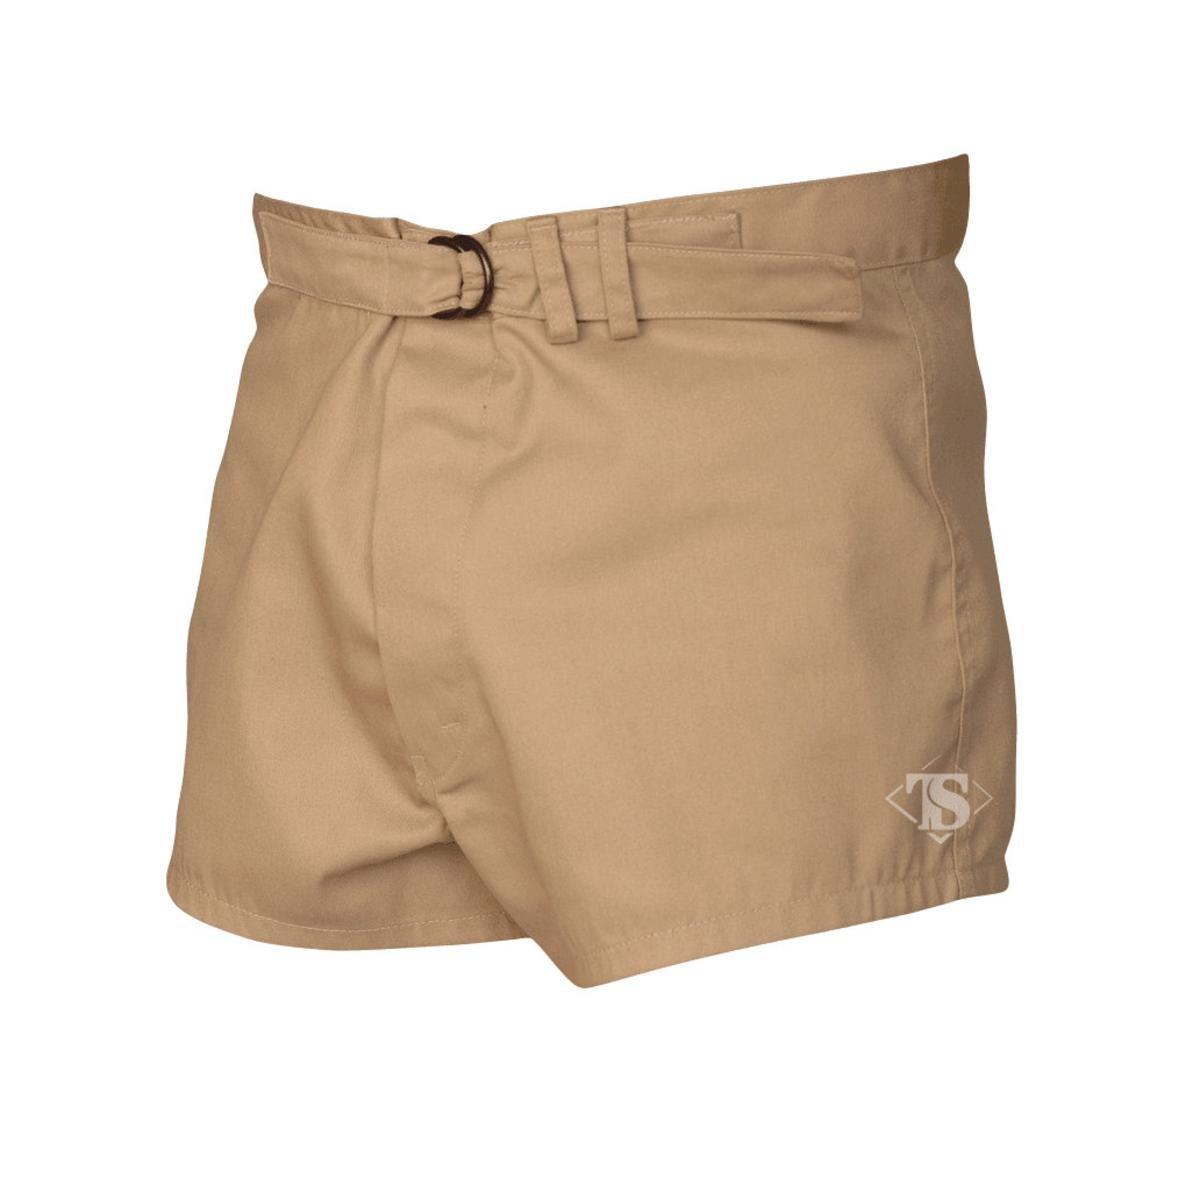 Tru-Spec UDT Shorts Twill W30 4224001 by Tru-Spec (Image #2)